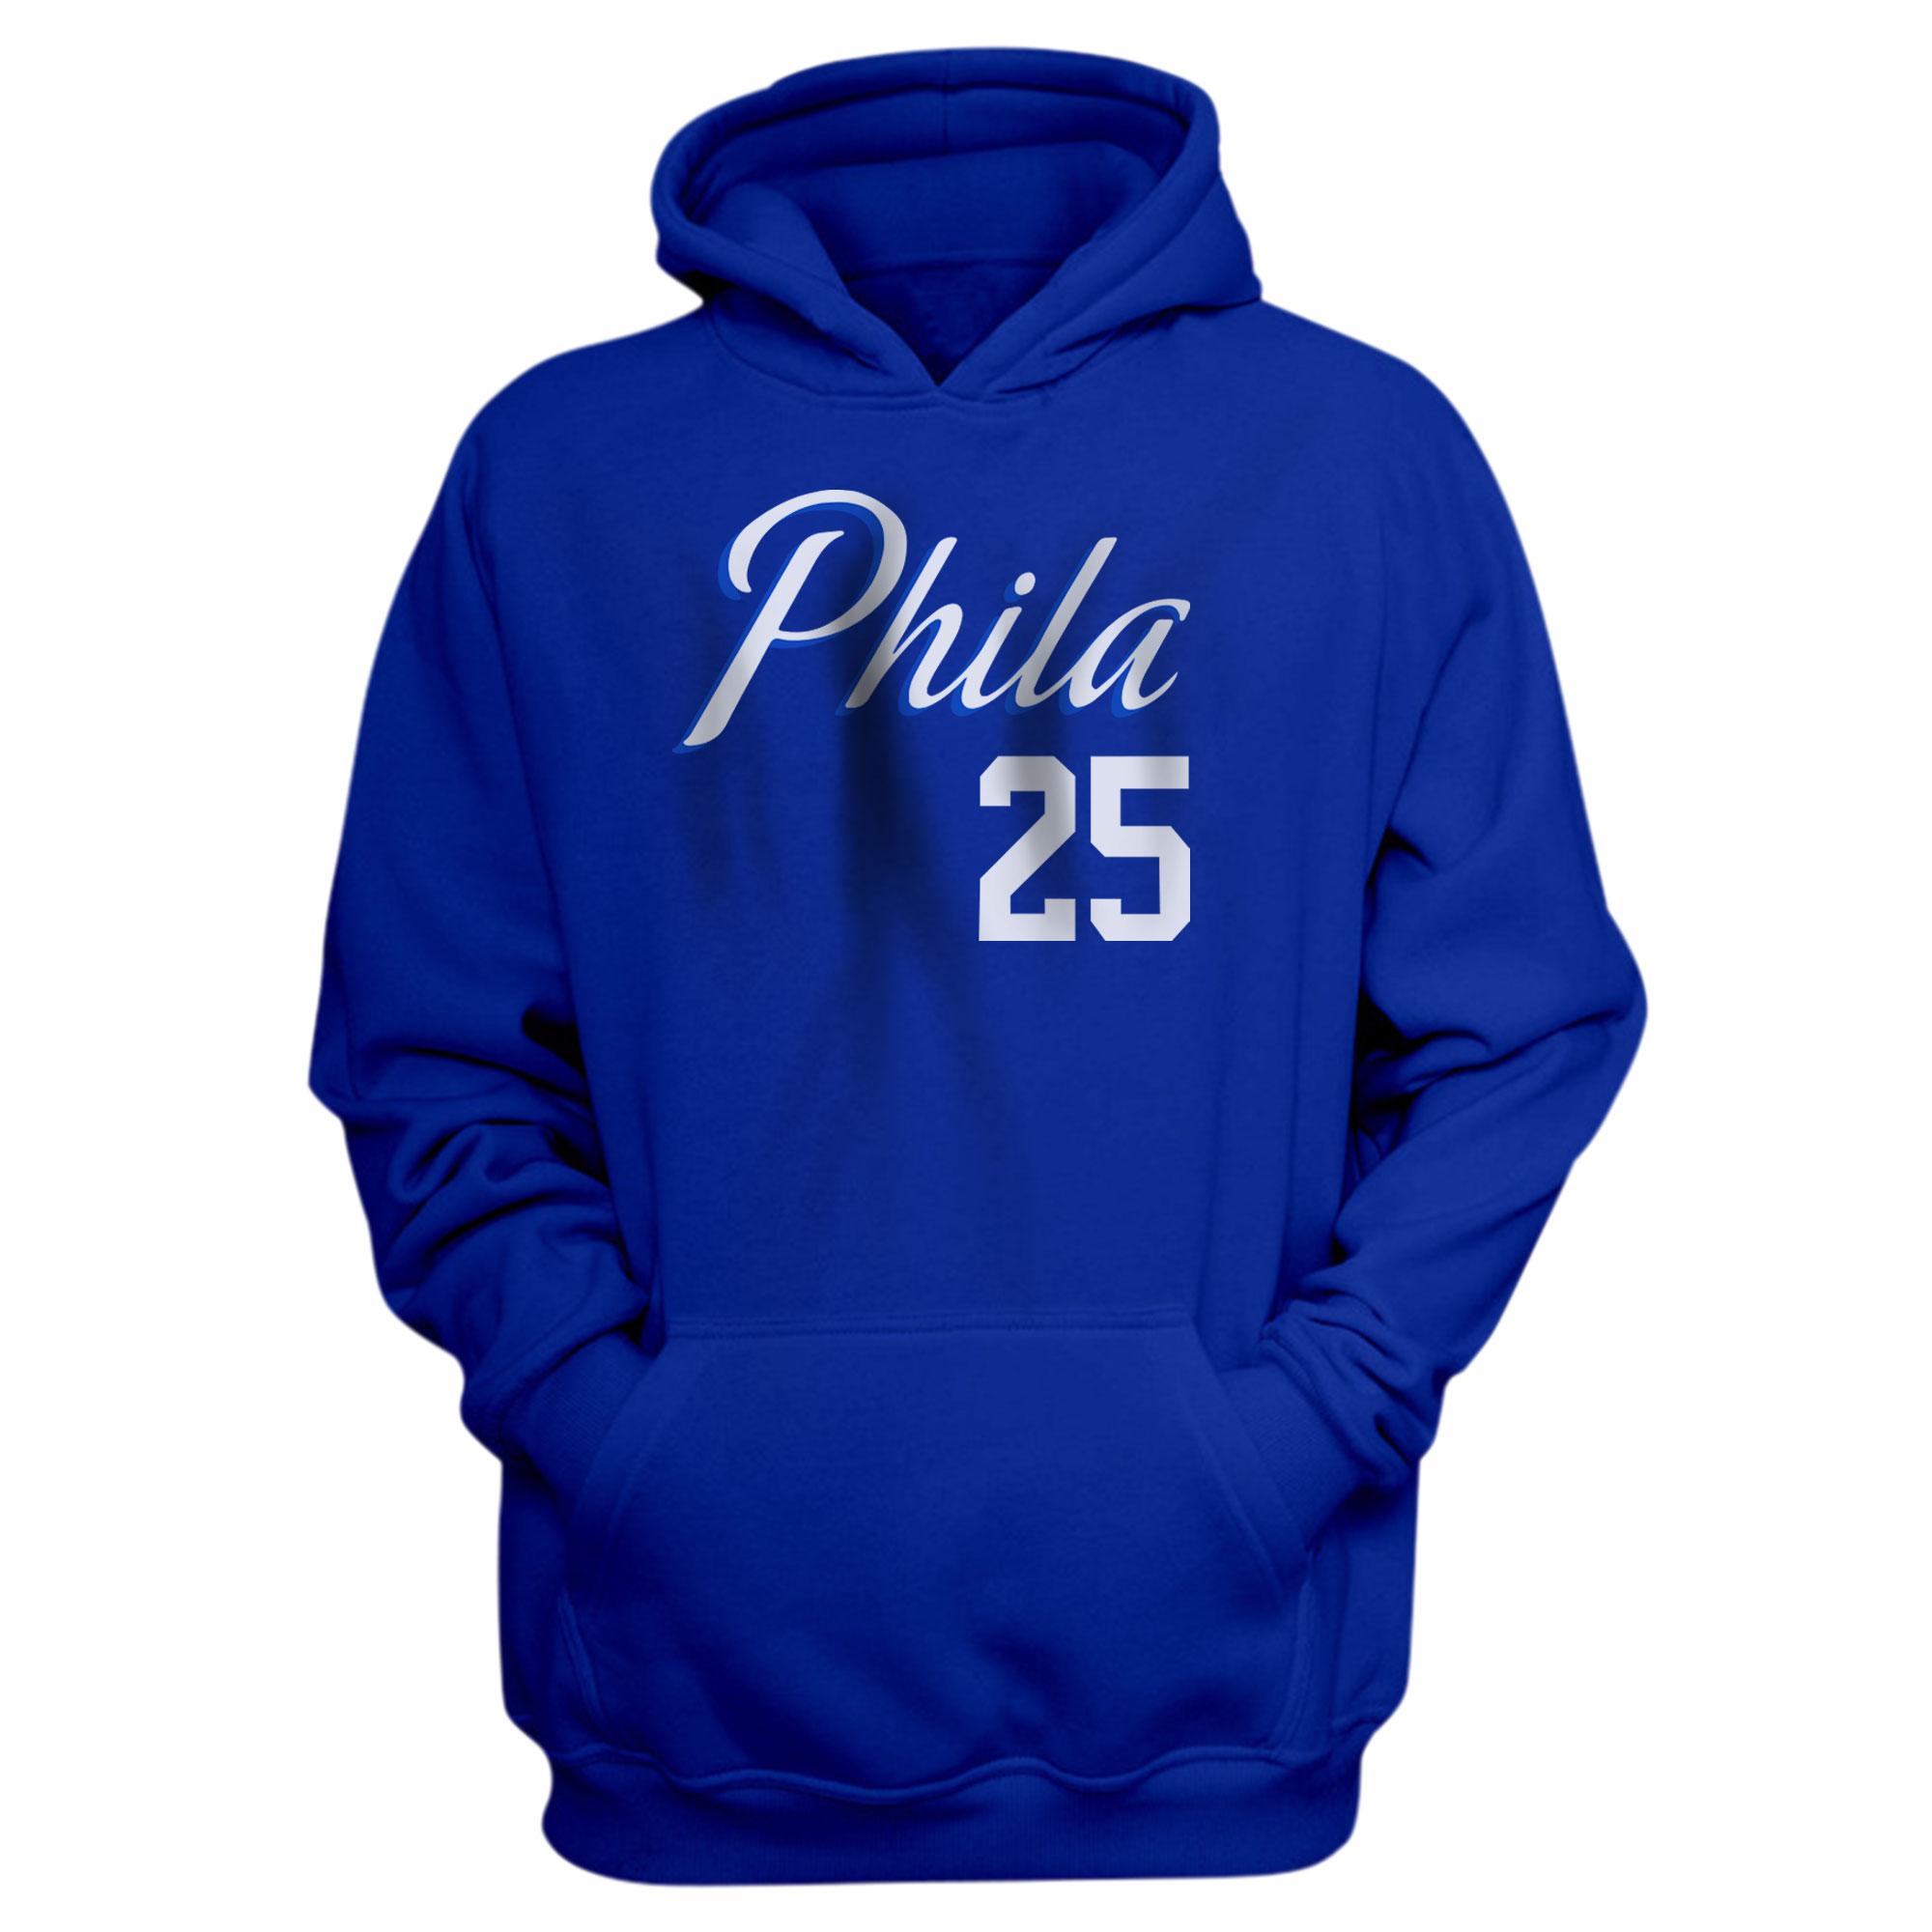 Philadelphia 76ers Ben Simmons  Hoodie (HD-BLU-PLT-504-25)